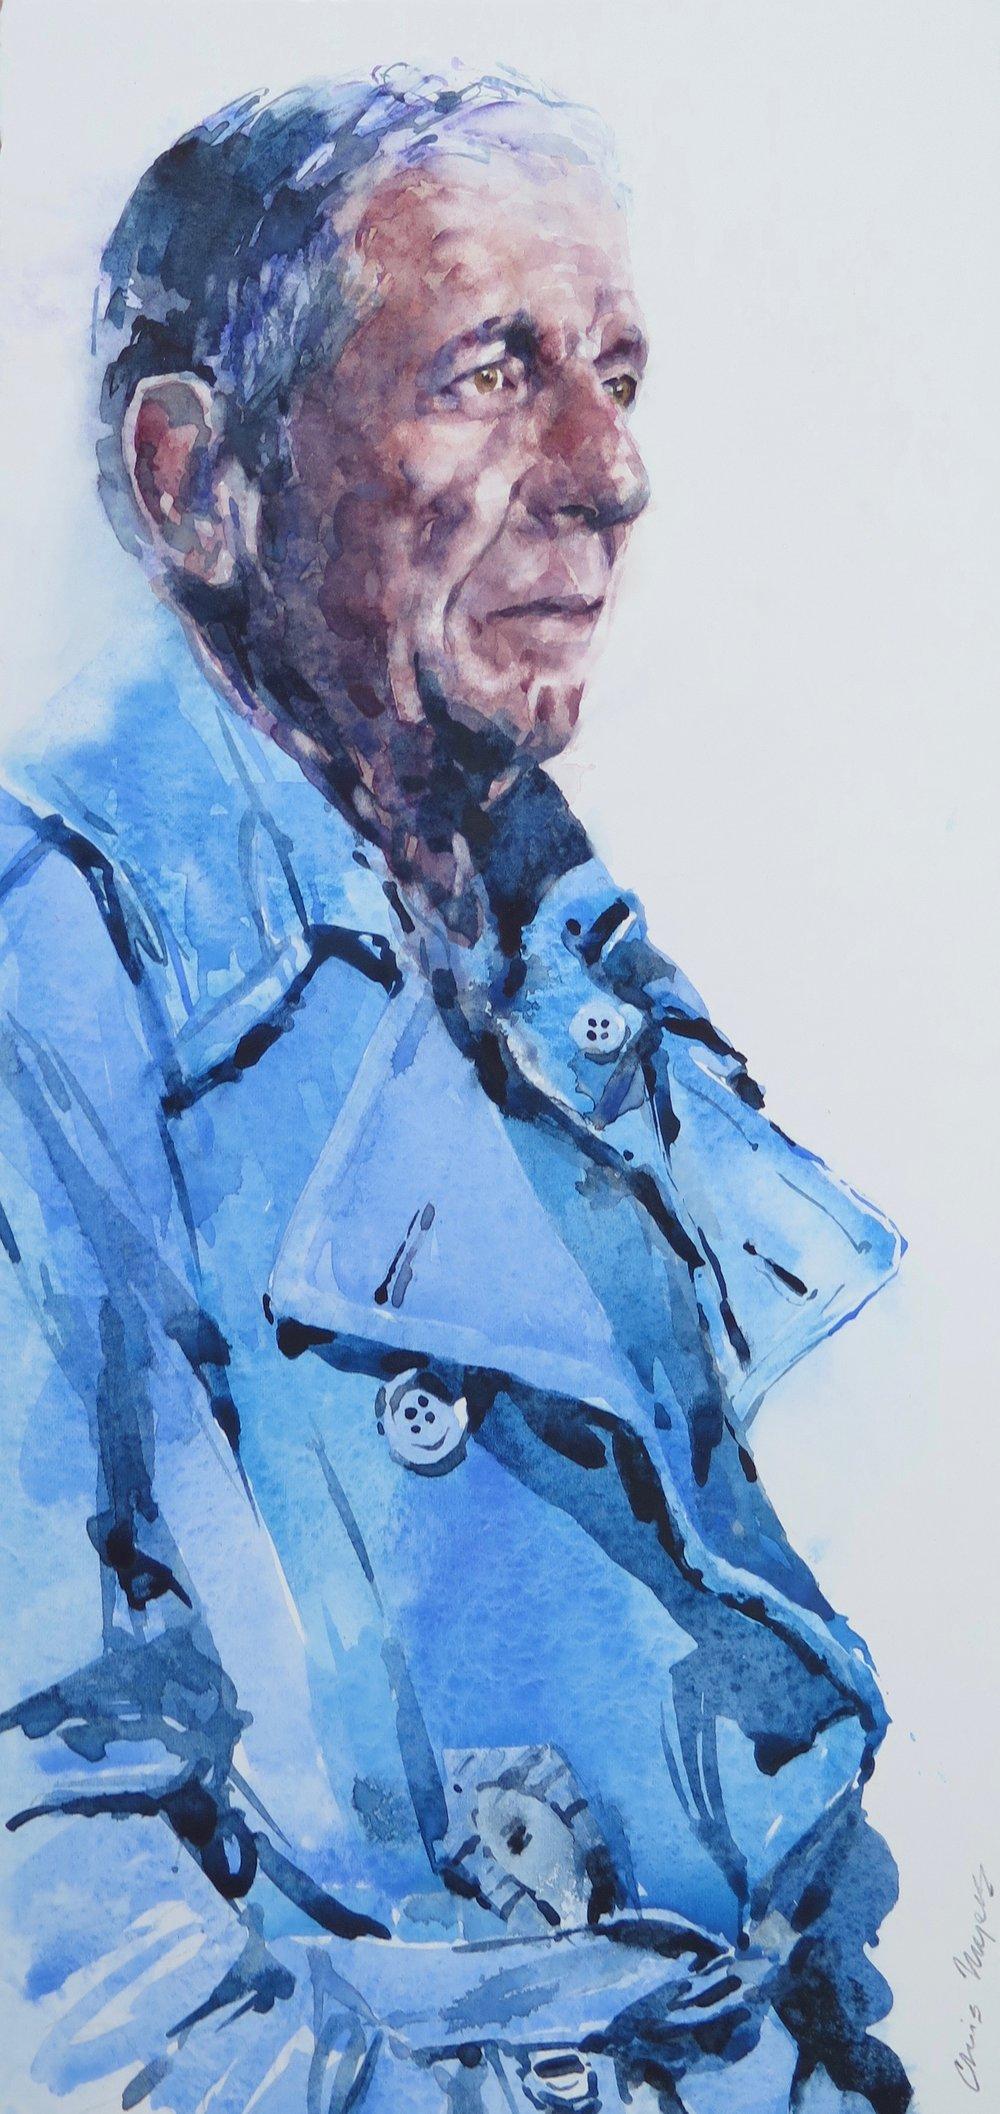 Blue Raincoat, Study: 39x18cm